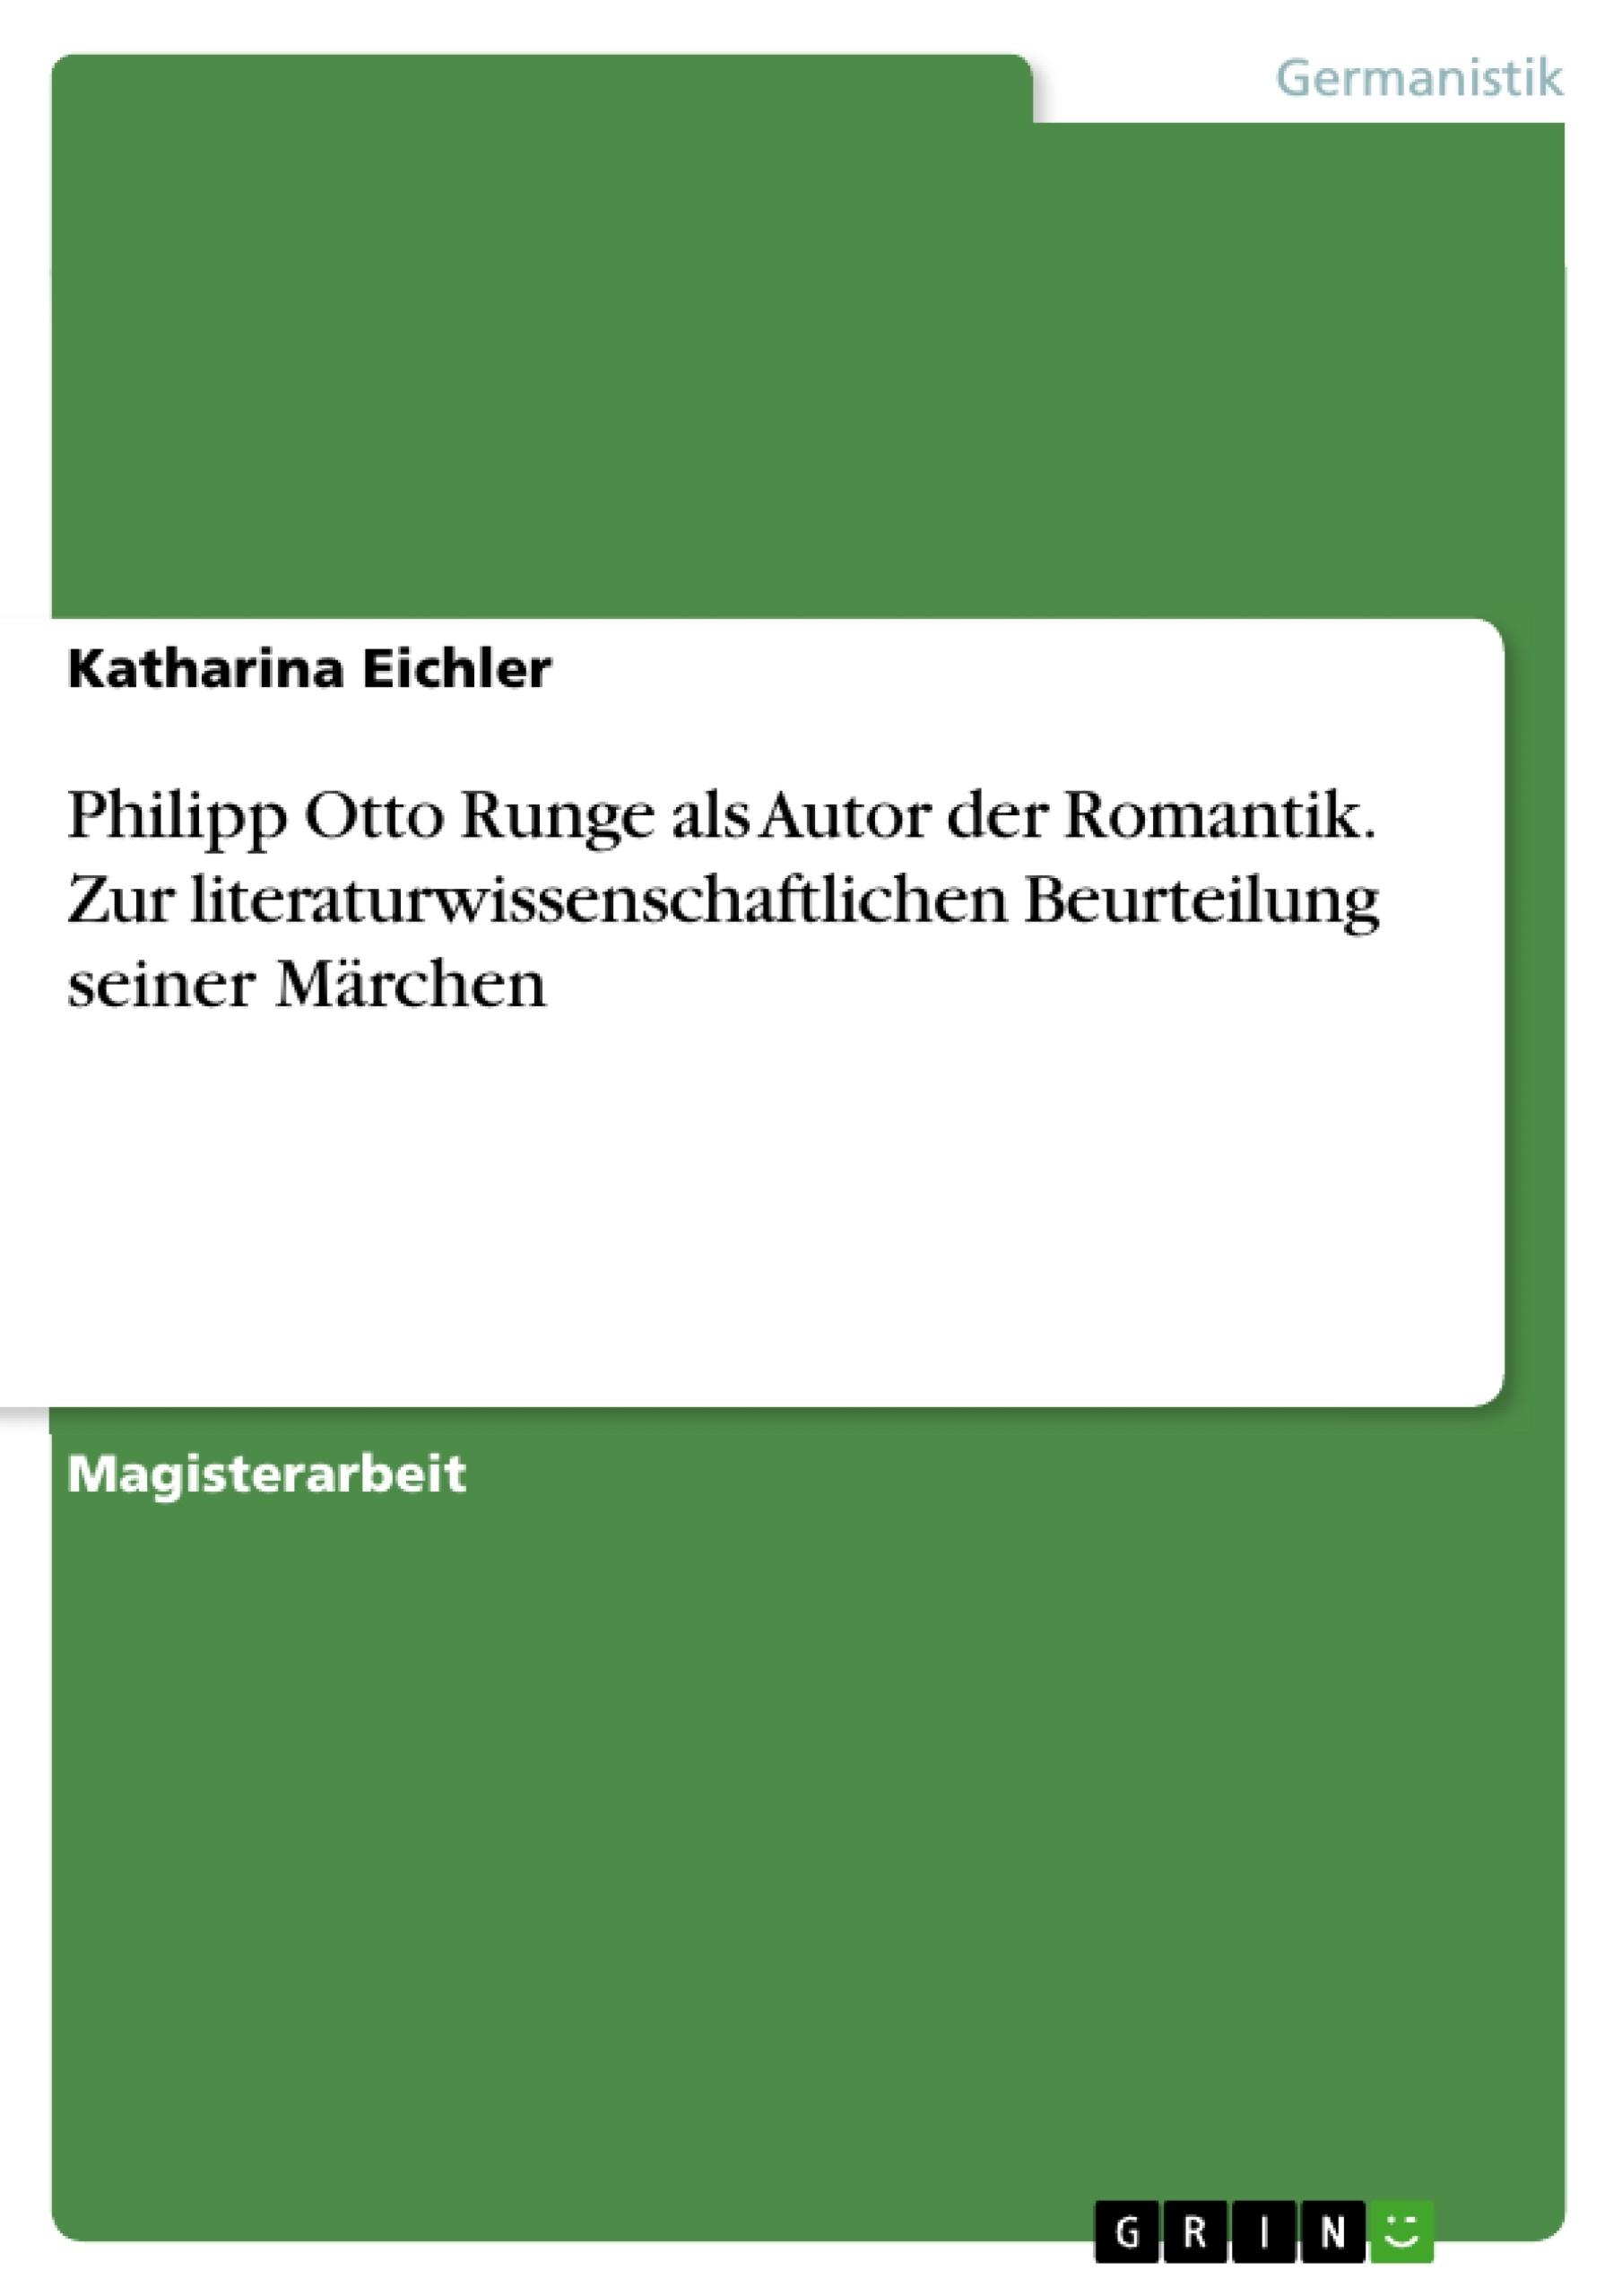 Titel: Philipp Otto Runge als Autor der Romantik. Zur literaturwissenschaftlichen Beurteilung seiner Märchen